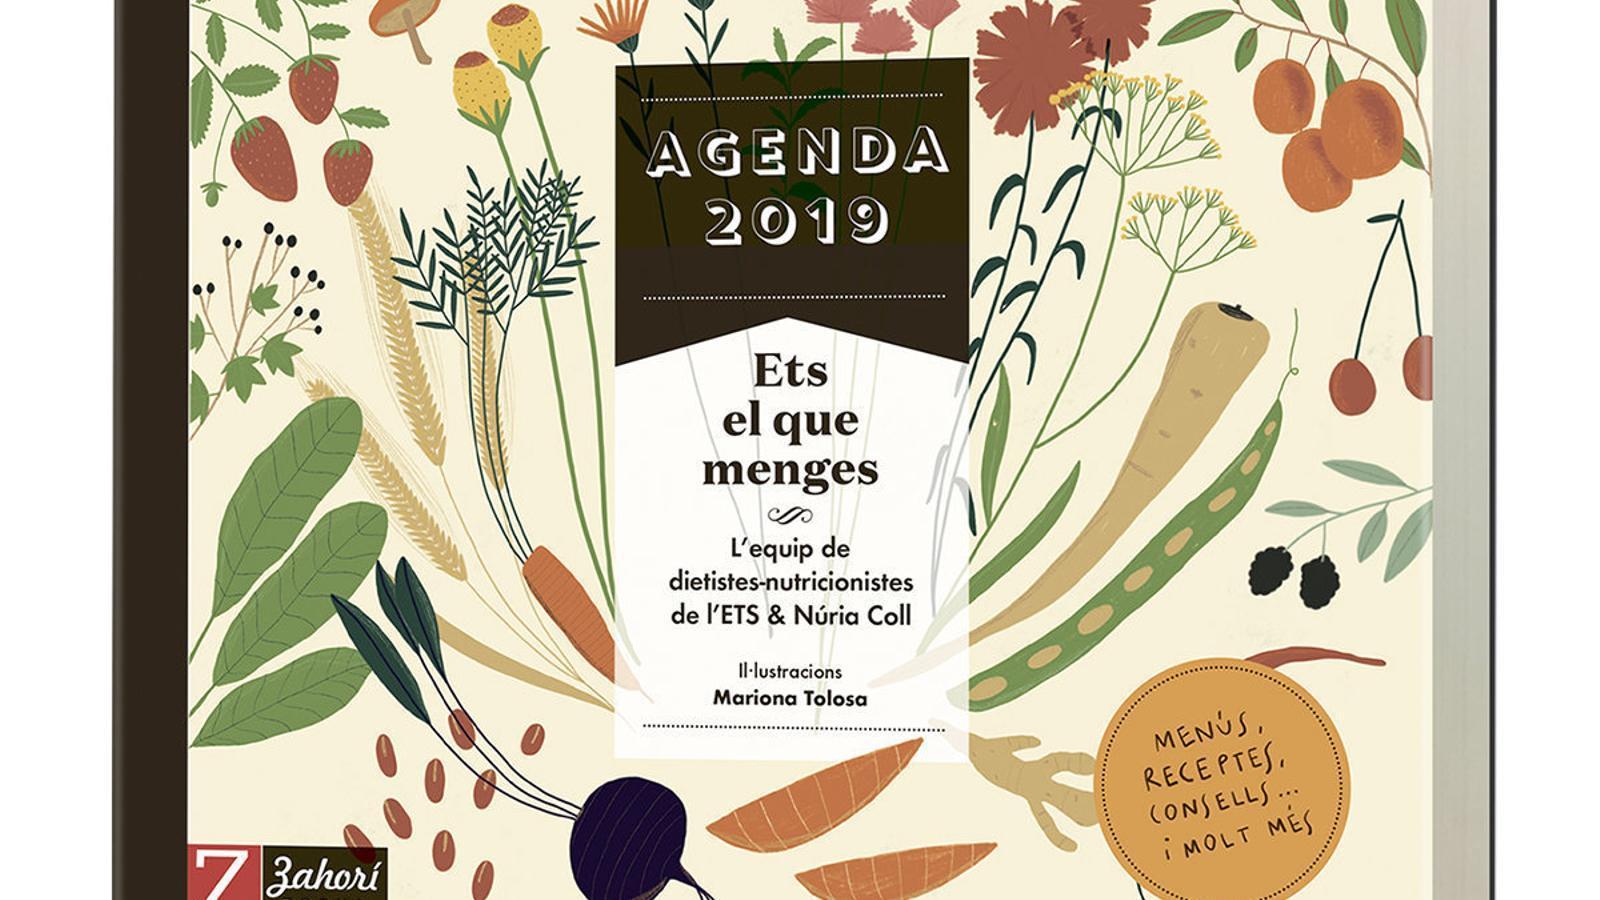 L'agenda del 2019 d''Ets el que menges', amb l'ARA